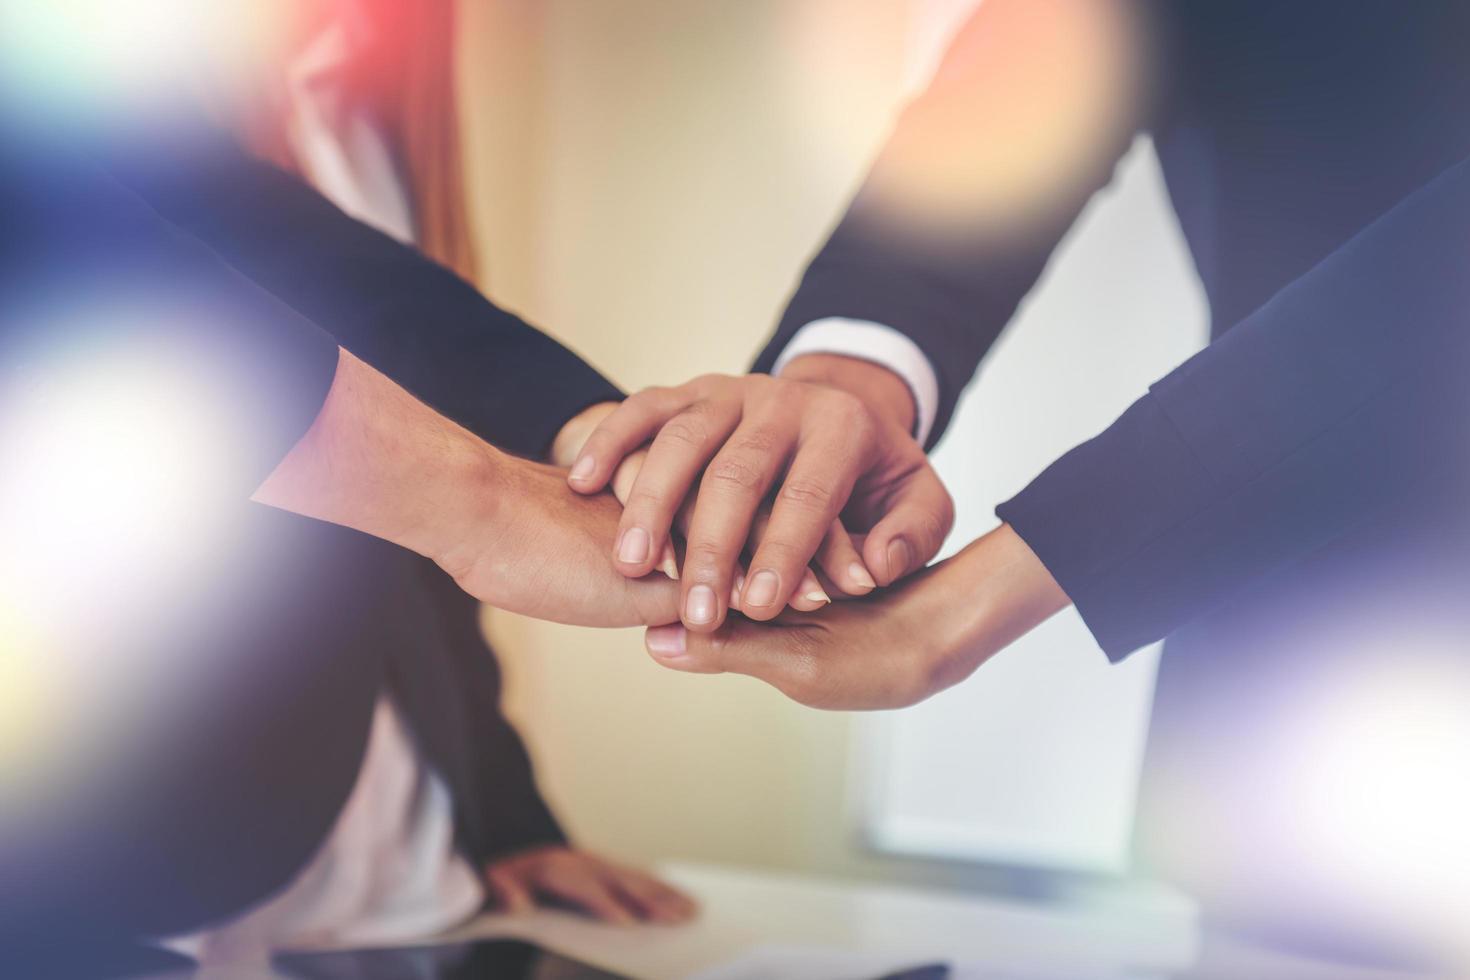 equipe de negócios juntando as mãos foto